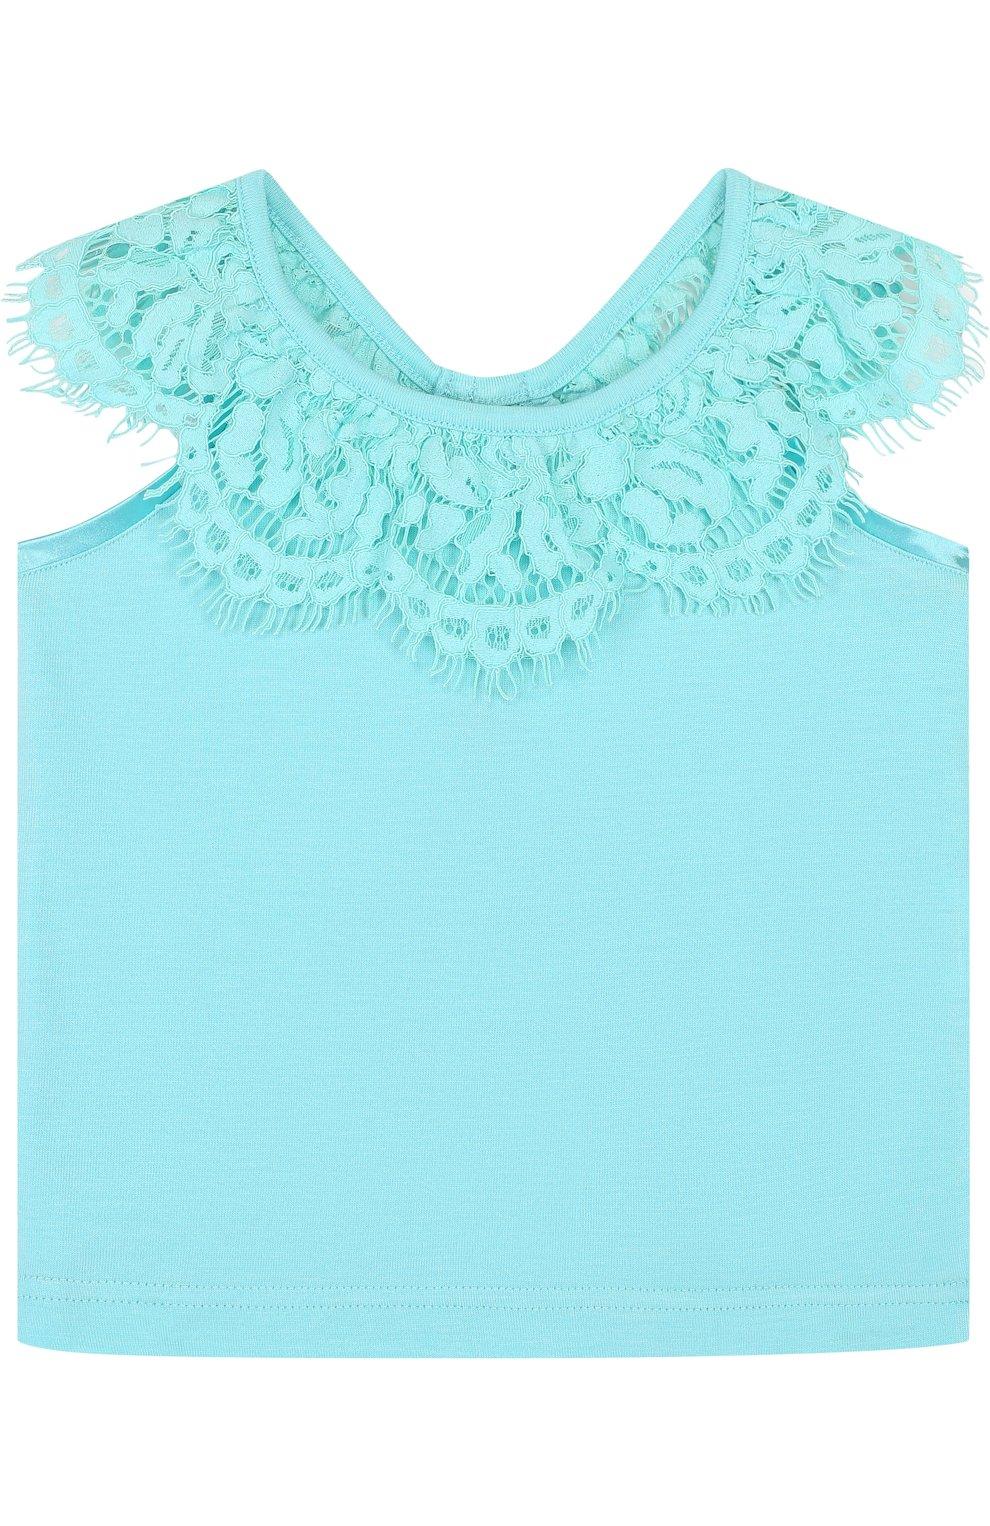 Детский топ джерси с кружевной отделкой и открытыми плечами ANGEL'S FACE голубого цвета, арт. LUCILLE/8-9   Фото 1